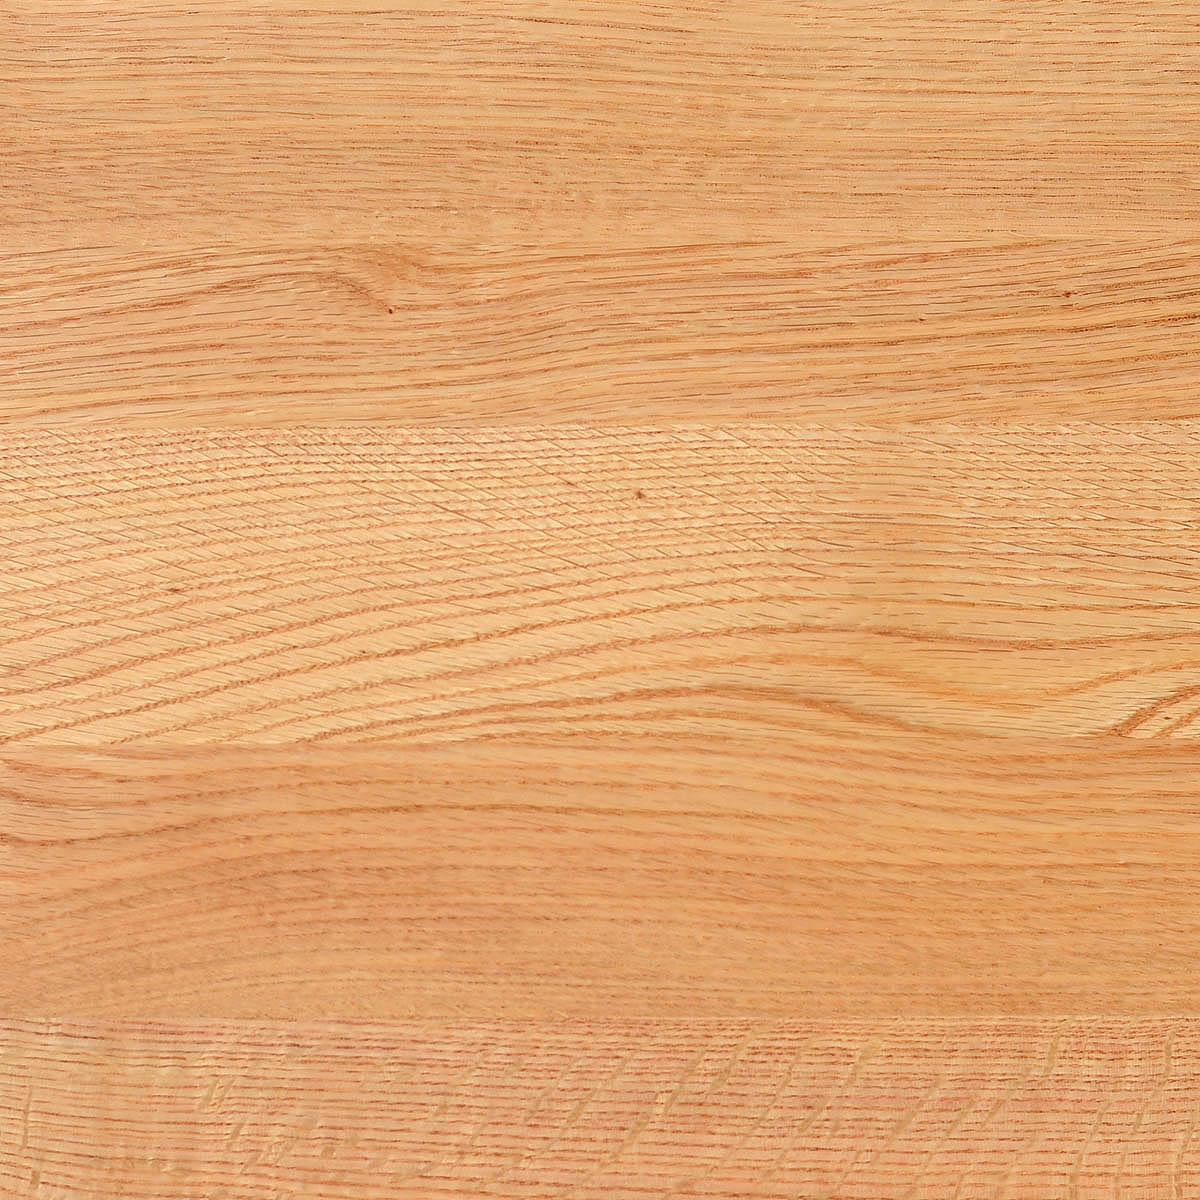 Schody drewniane - Białystok - dąb czerwony